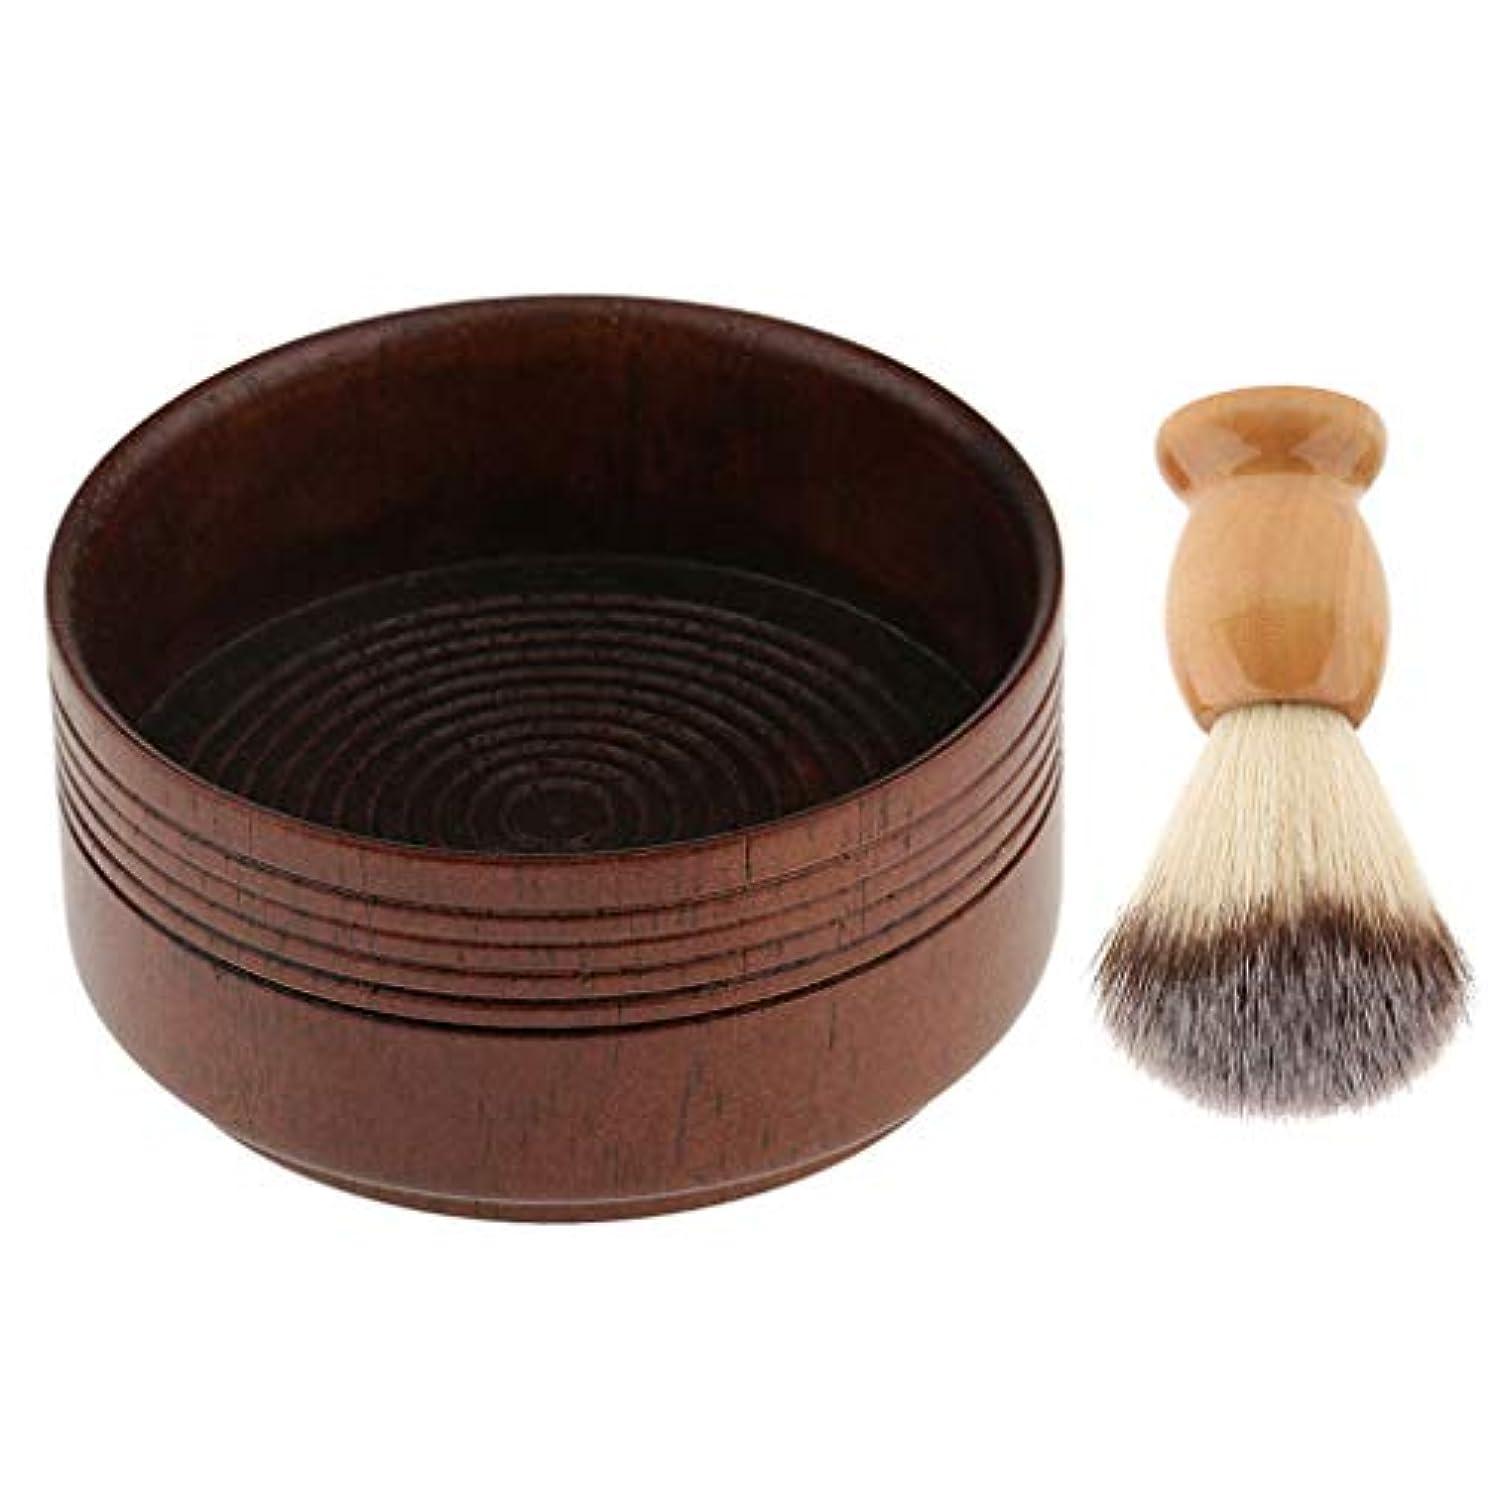 訴えるバンドル欠如dailymall 木製ハンドルシェービングブラシ+男性用理容室用木製マグカップボウルセット